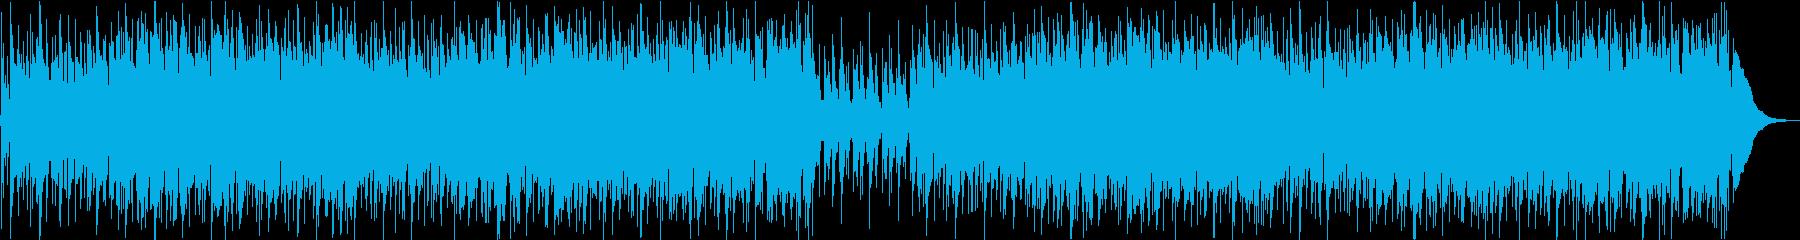 ゆったりボサノヴァ/暖みのあるフルートの再生済みの波形